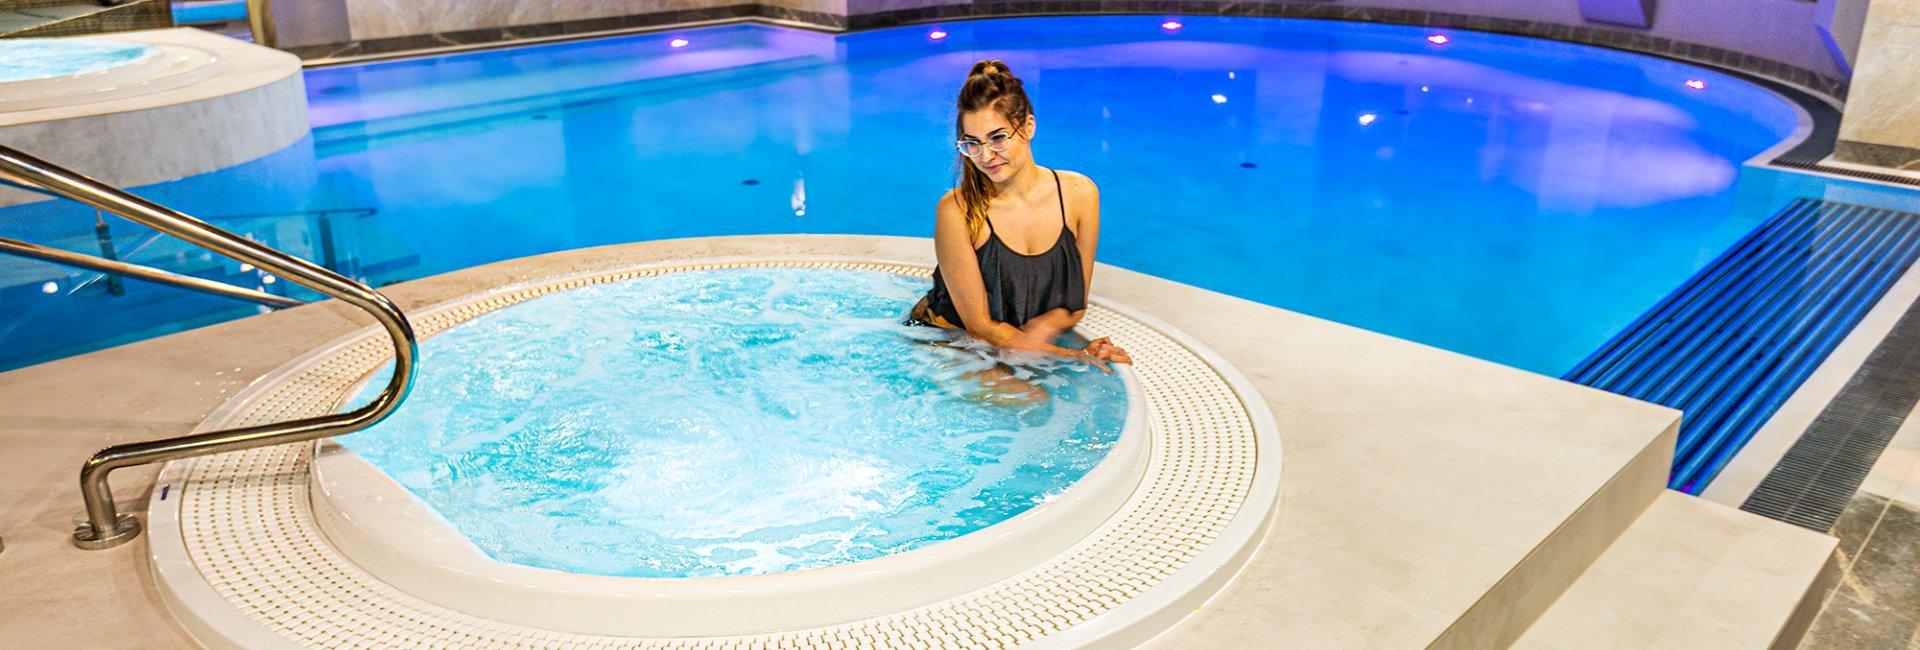 Bilet wstępu na basen i saunarium w SPA Księżnej Anny